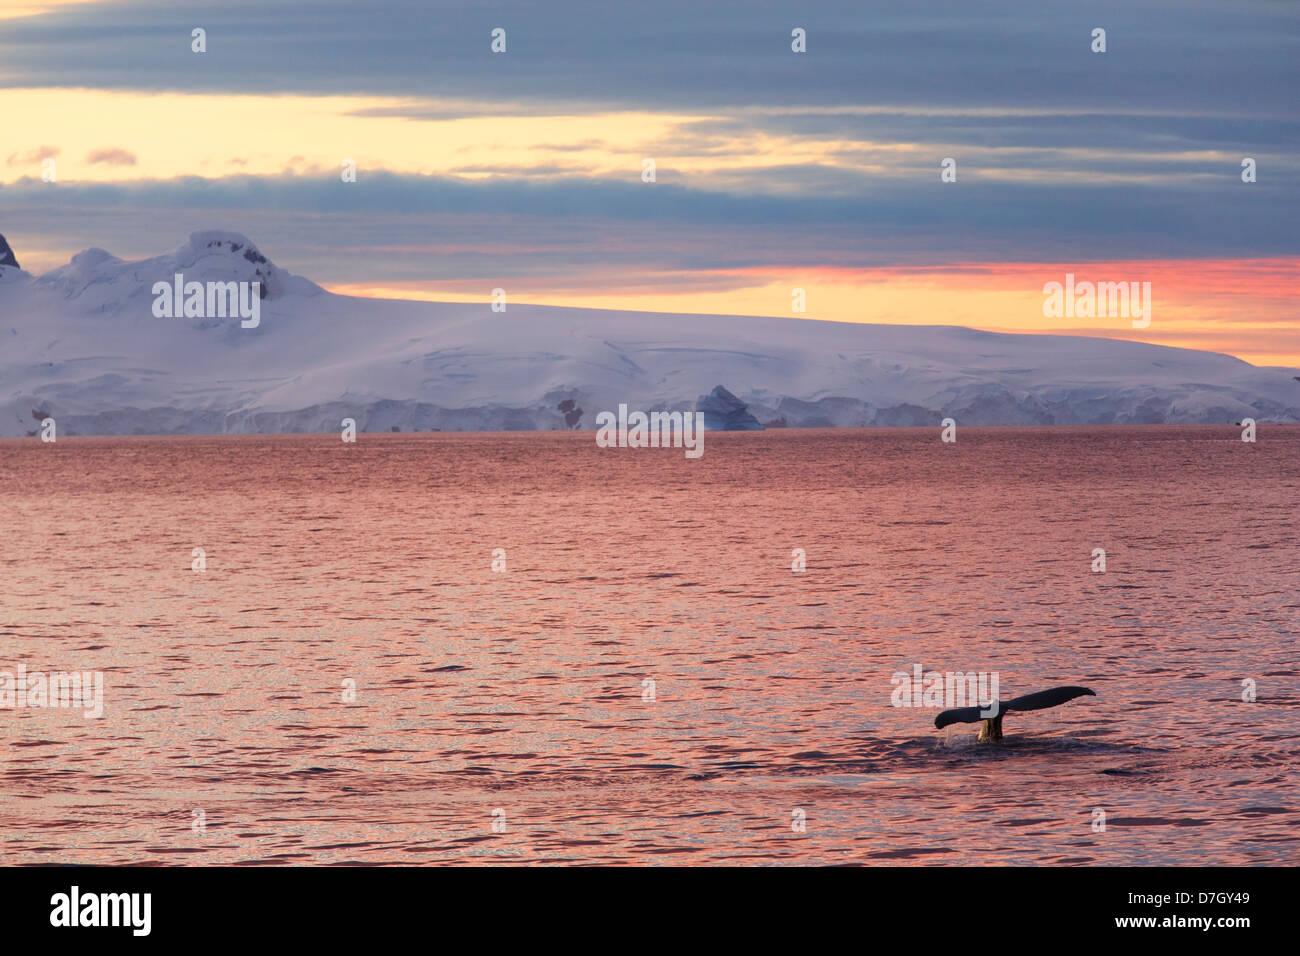 Baleine à bosse (Megaptera novaeangliae) au coucher de soleil / Lever du soleil comme nous voyageons en dessous Banque D'Images